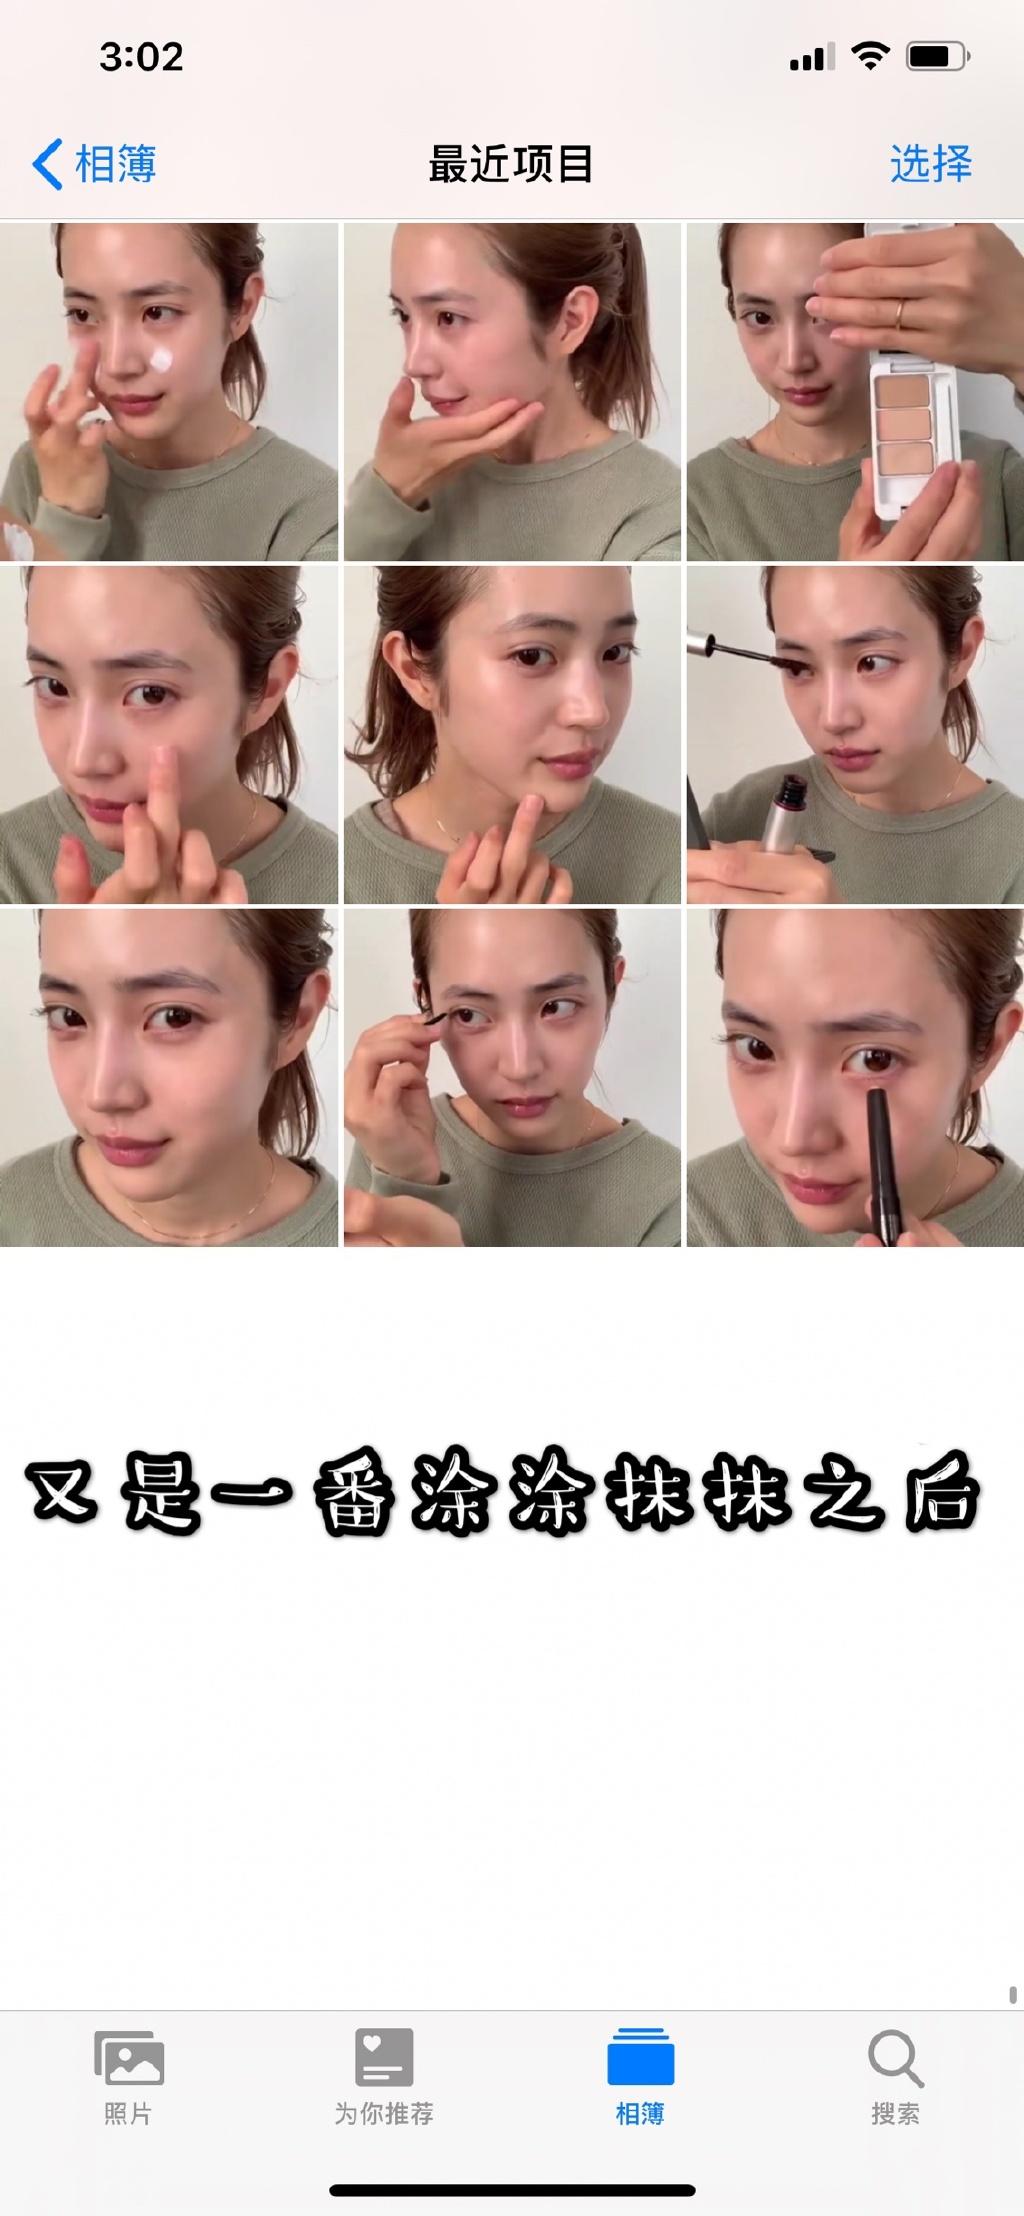 藤田素颜和化妆有啥区别????我落泪 涨姿势 第5张